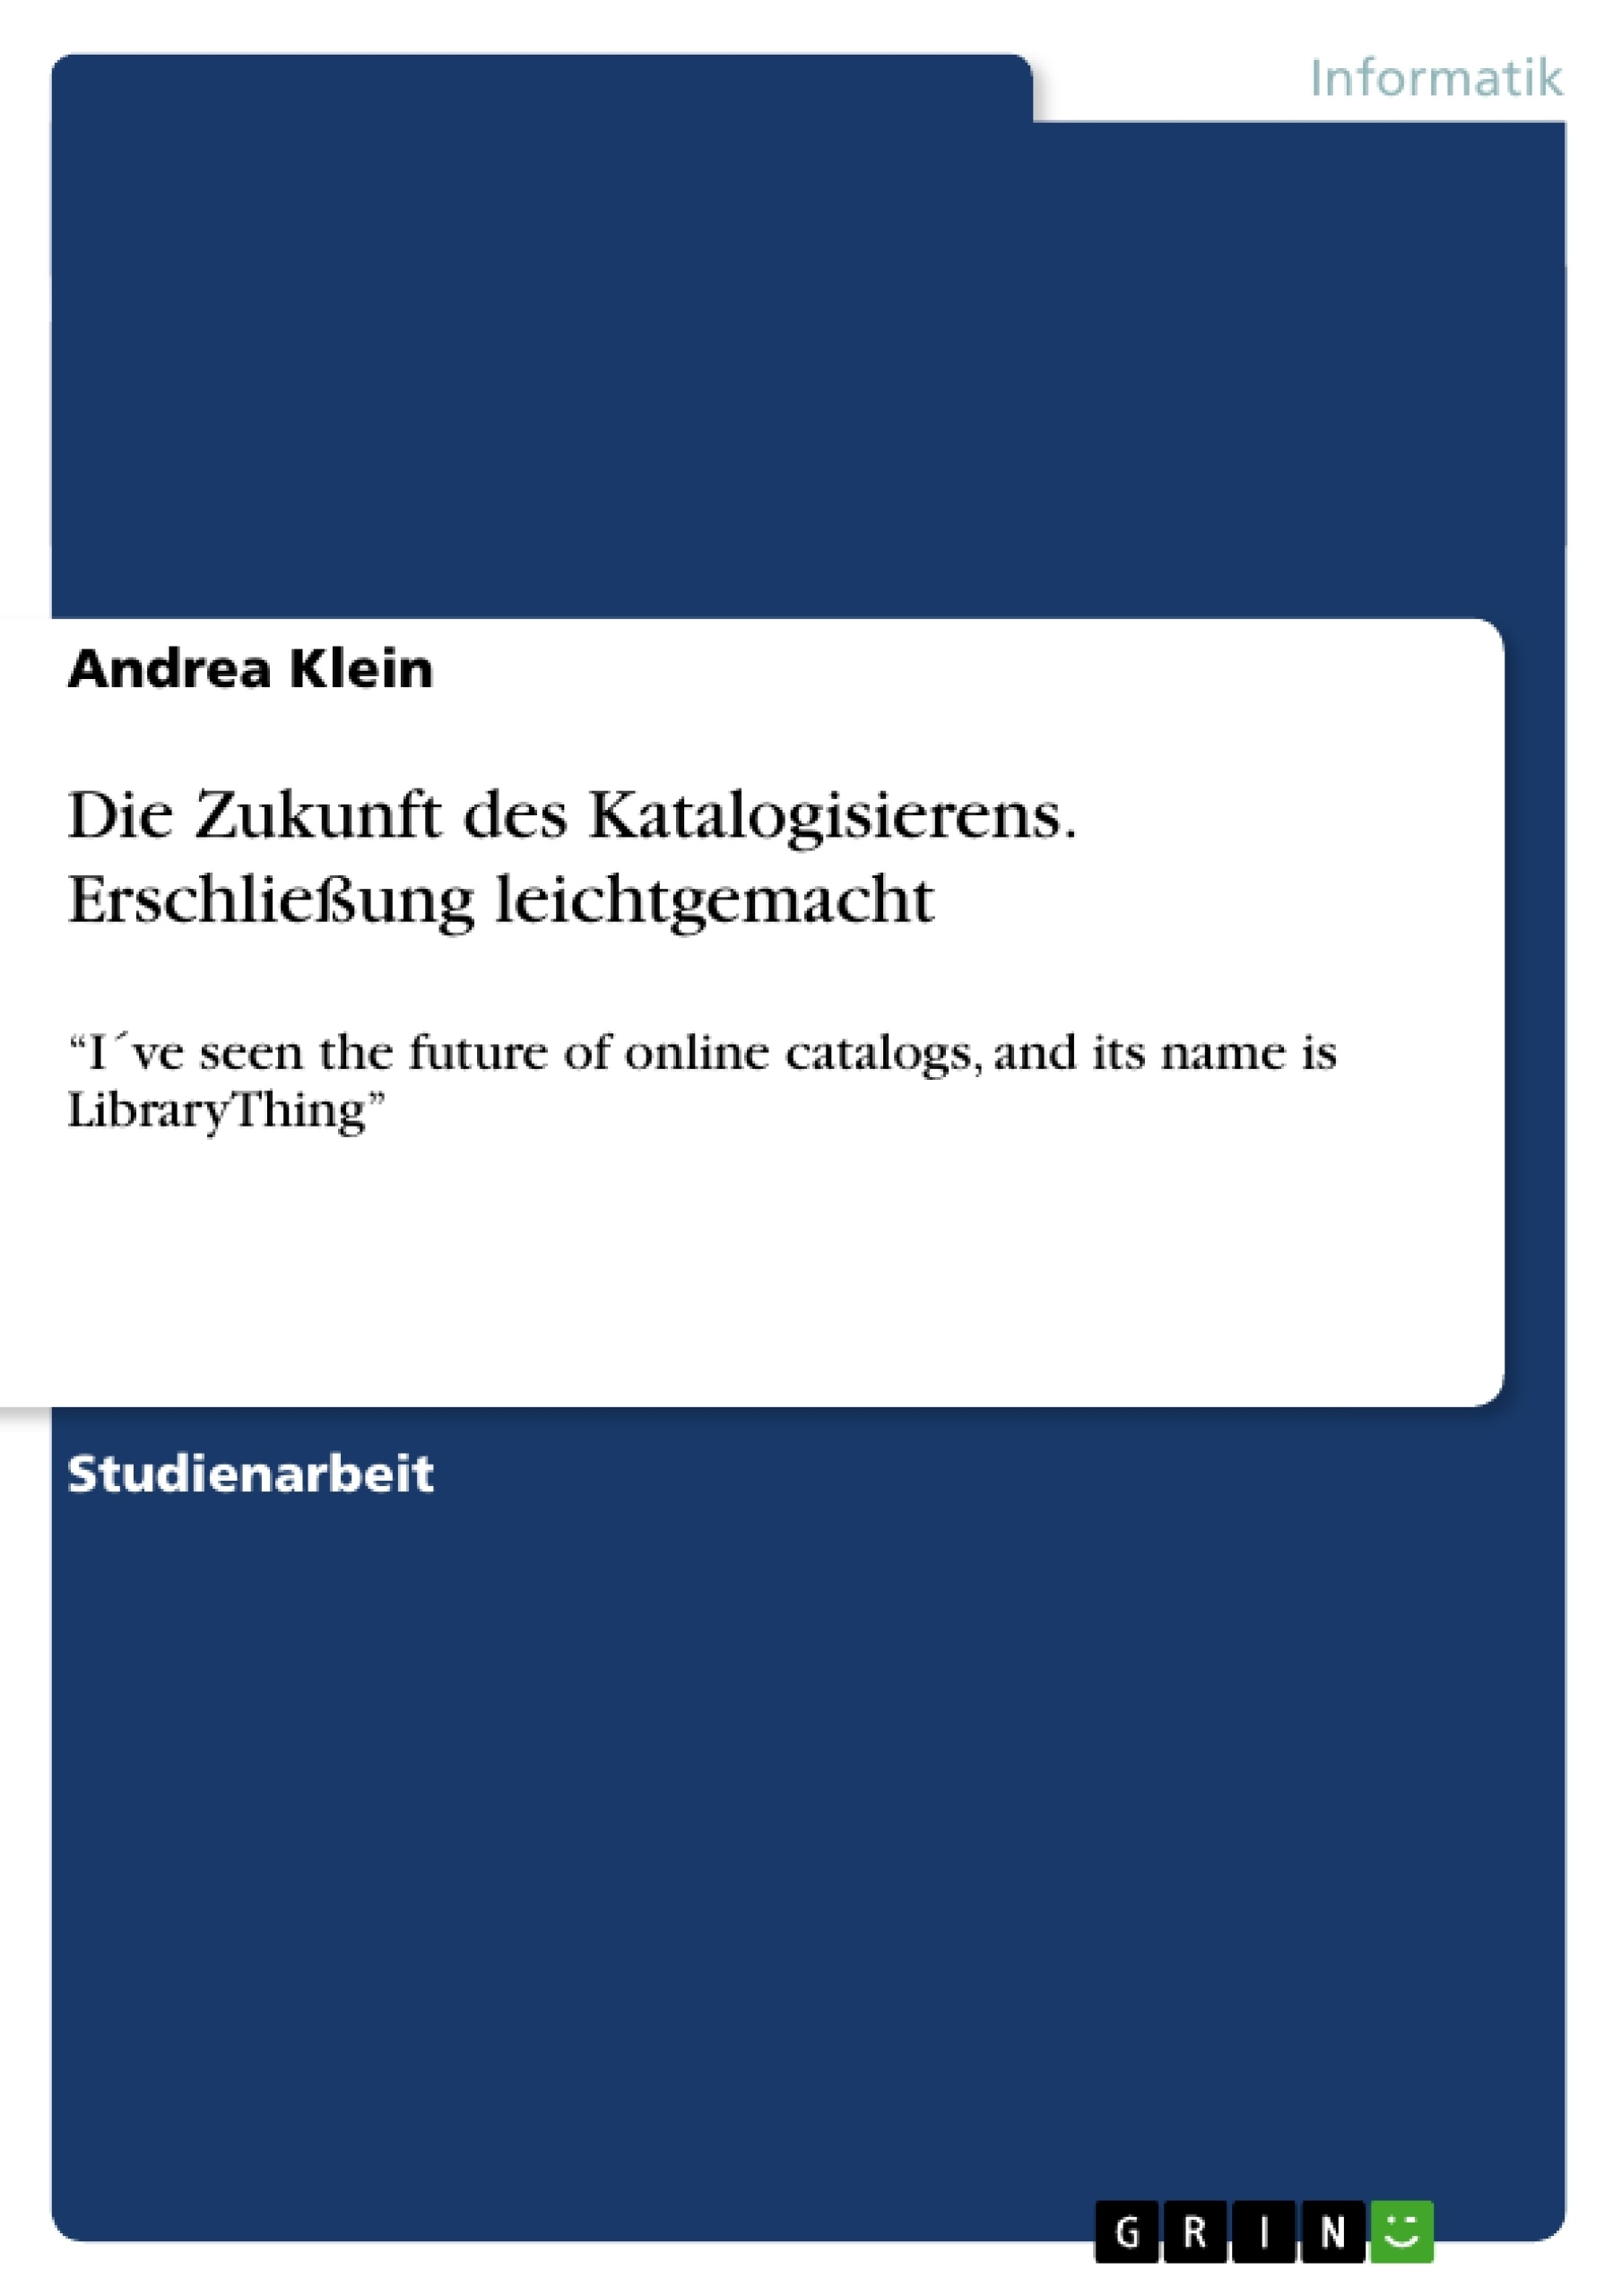 Titel: Die Zukunft des Katalogisierens. Erschließung leichtgemacht